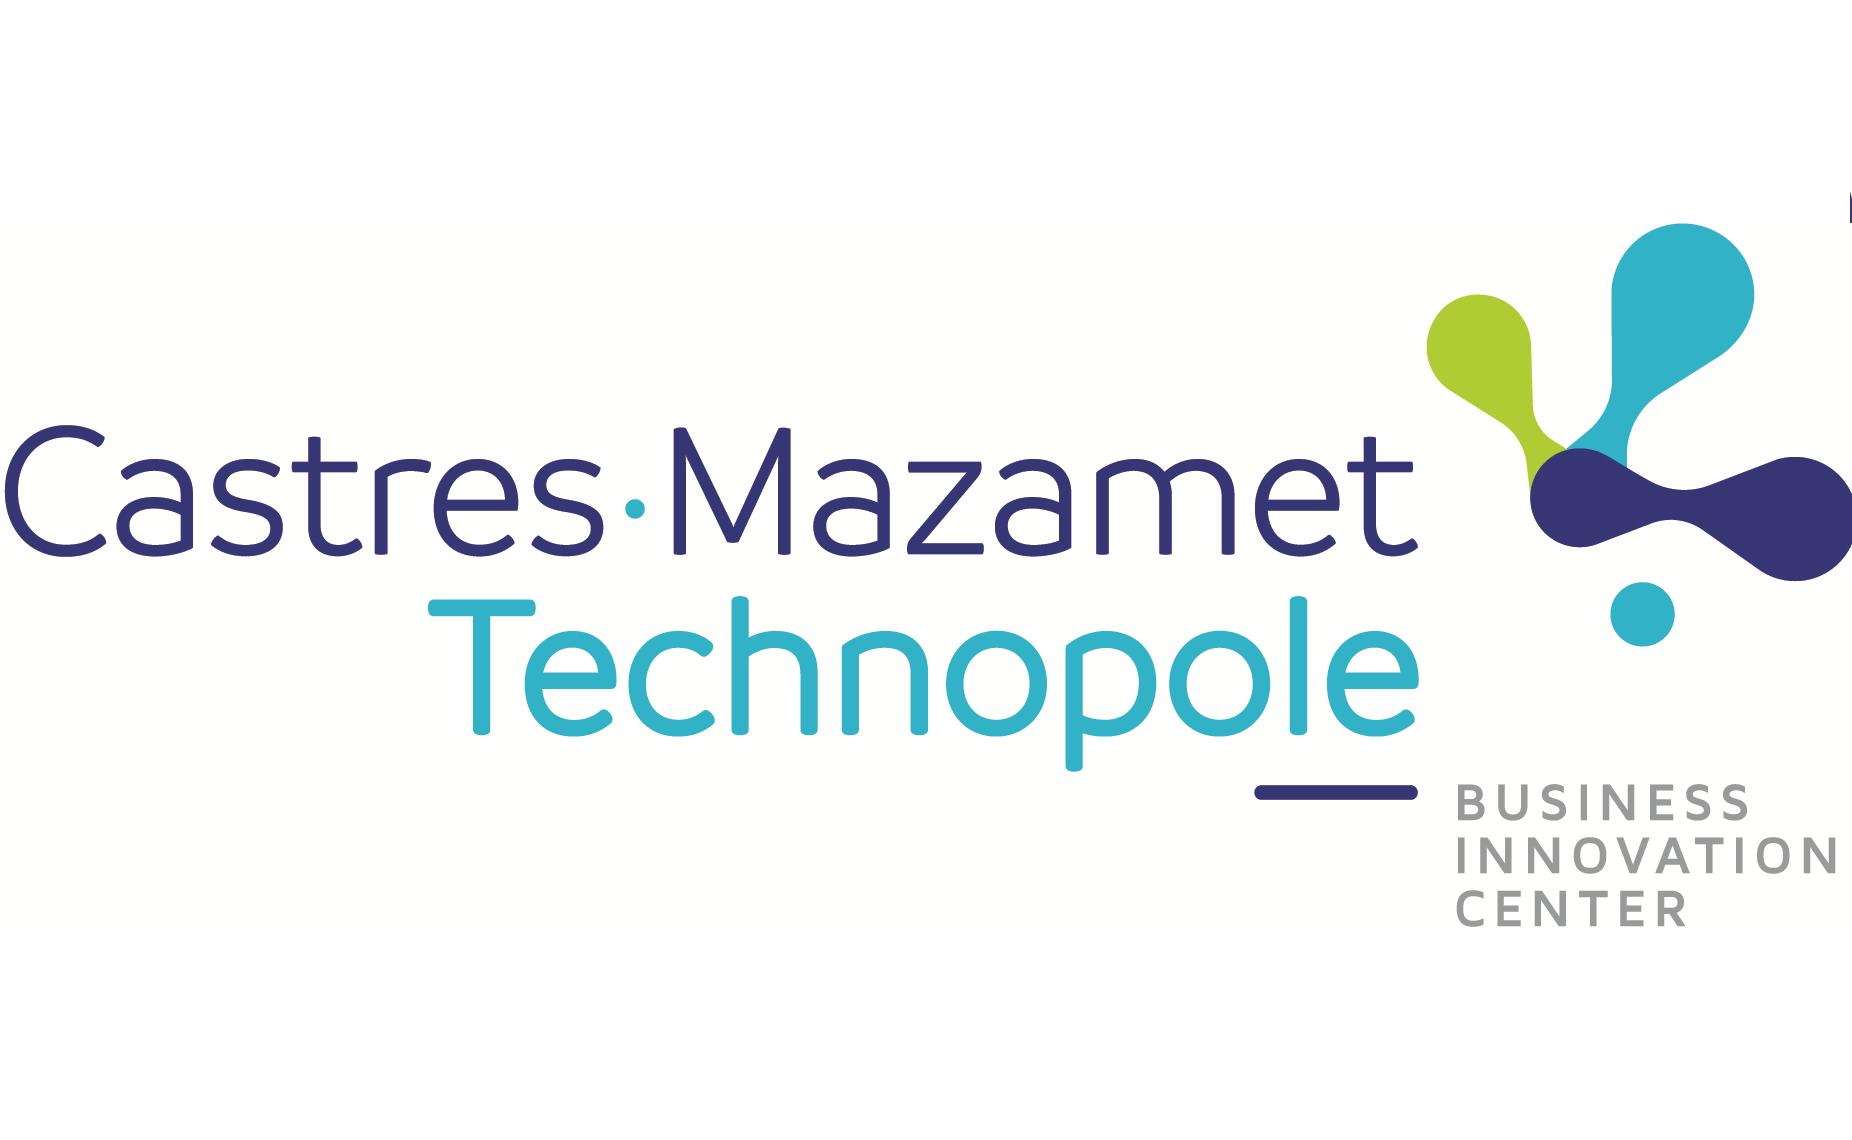 Opportunité business et open innovation pour les entreprises issues du réseau avec Castres-Mazamet Technopole